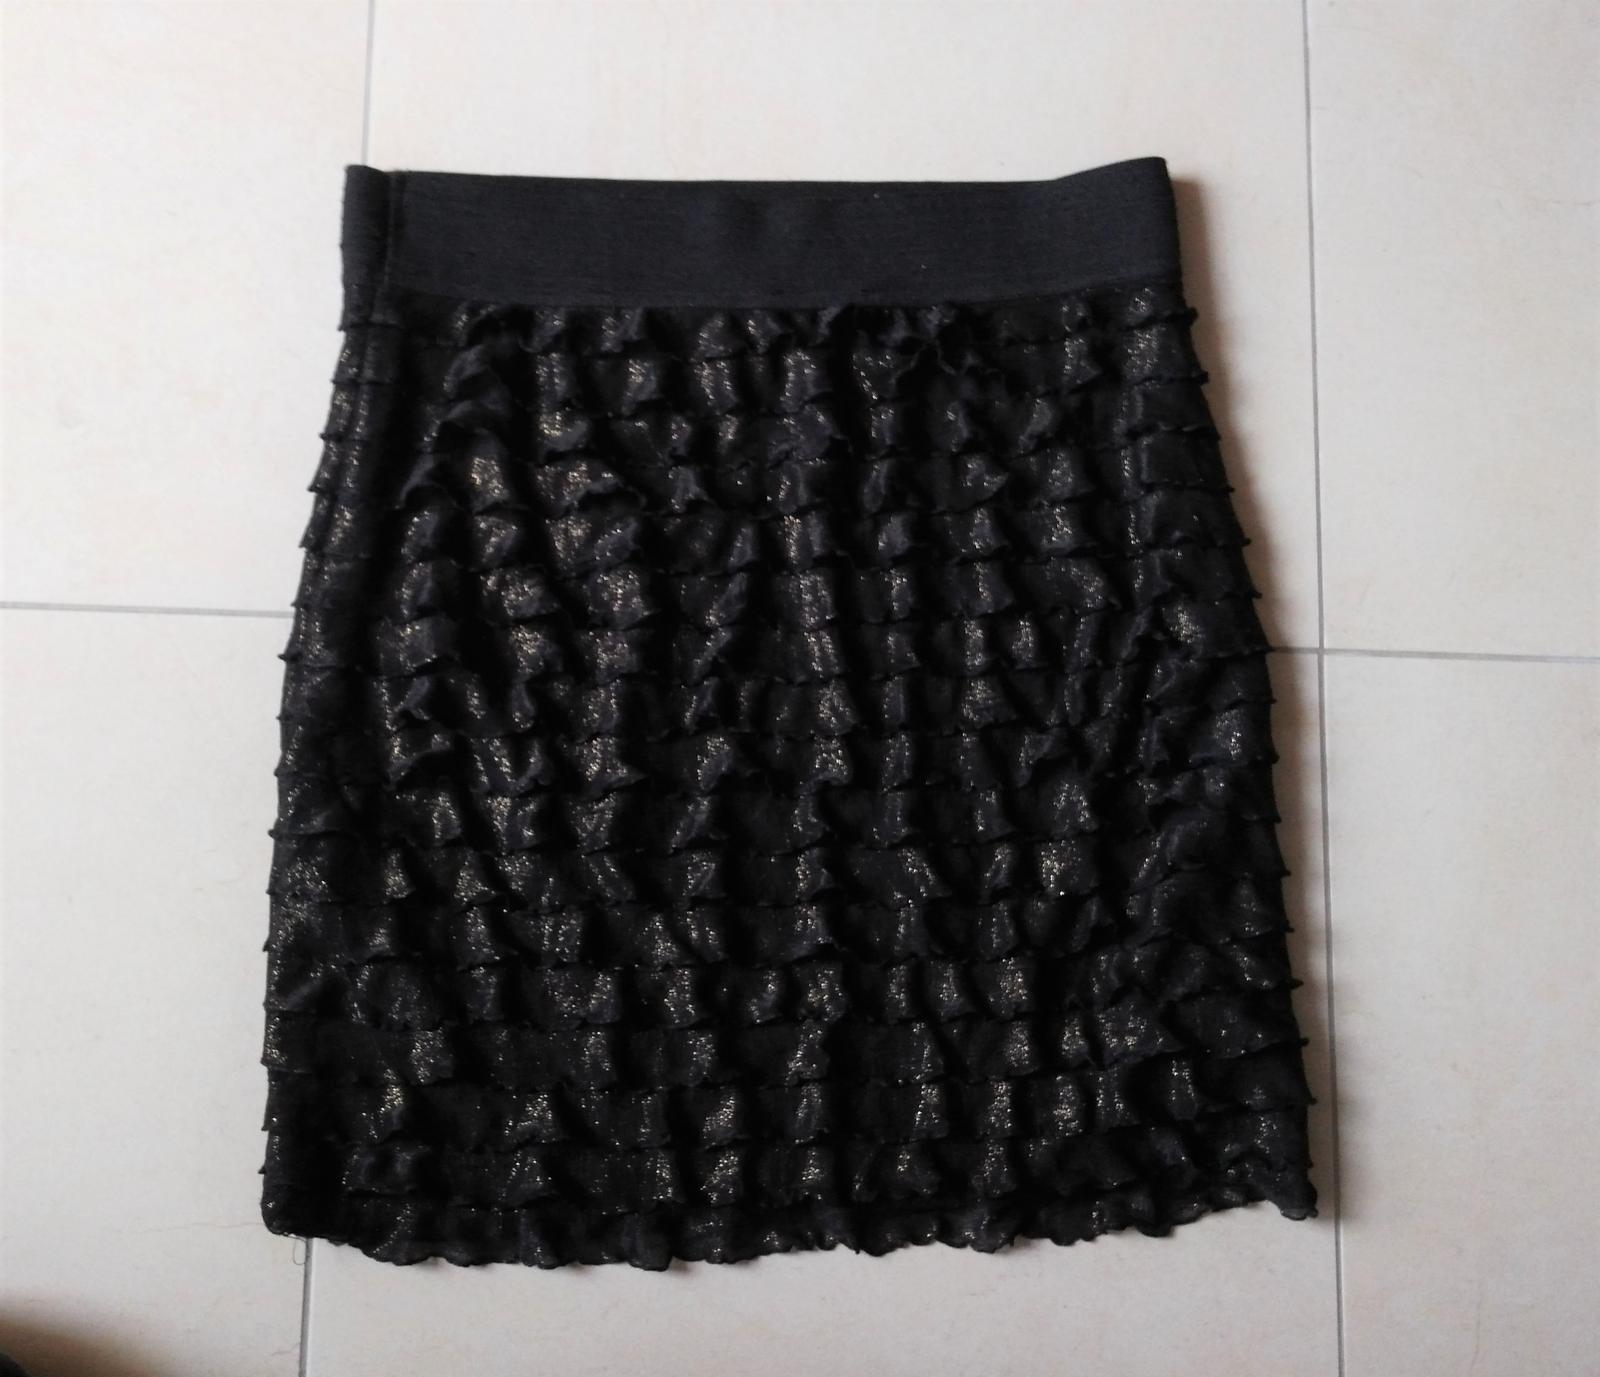 Čierno-zlatá sukňa s volánikmi 38/M - Obrázok č. 4